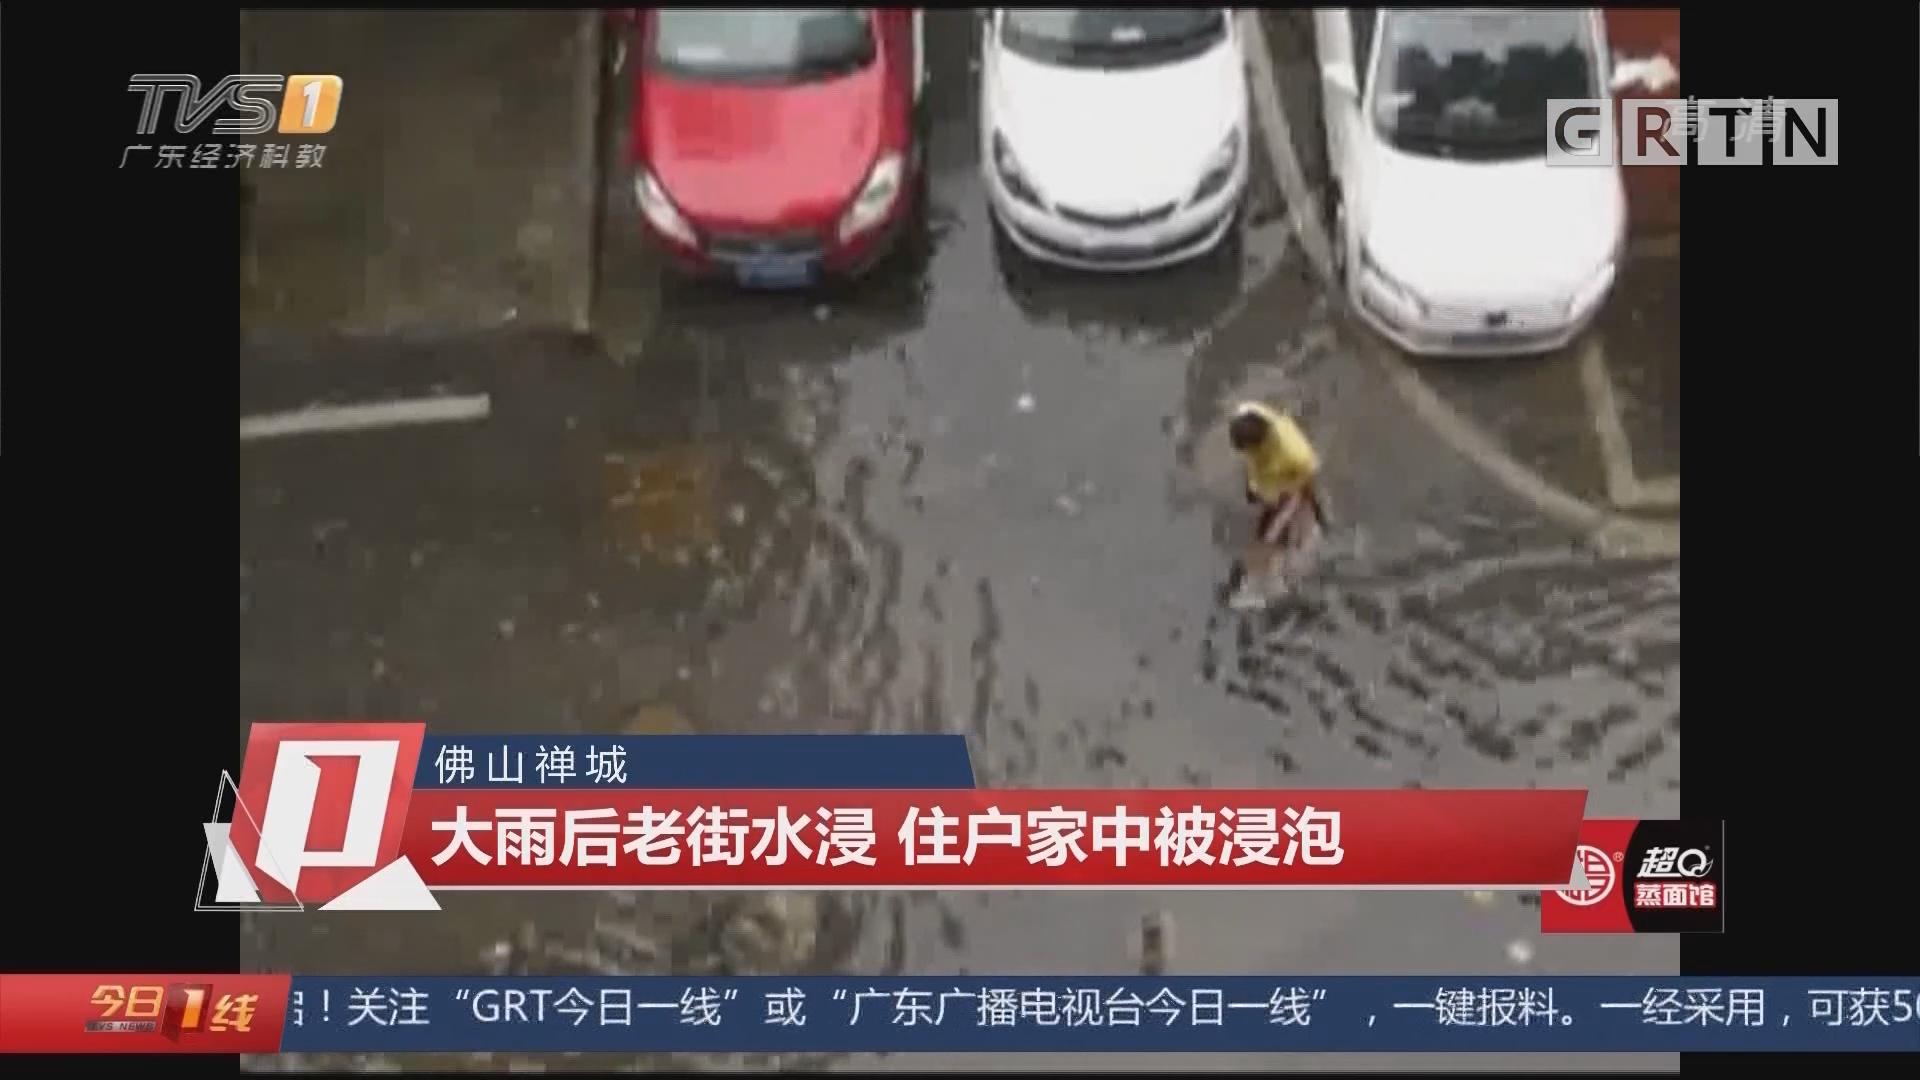 佛山禅城:大雨后老街水浸 住户家中被浸泡